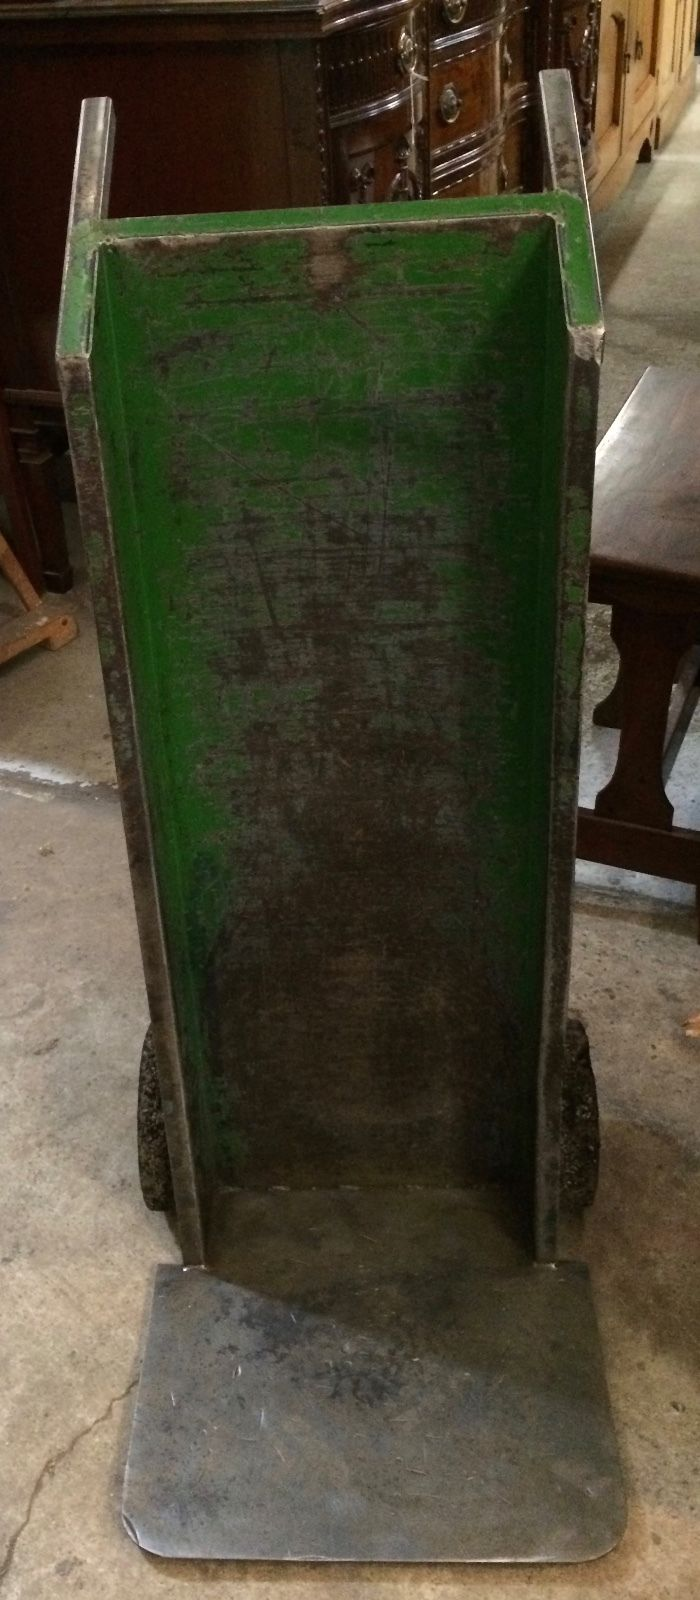 Vintage Industrial Warehouse Metal Trolley   Melbourne   Halsey Road Recyclers